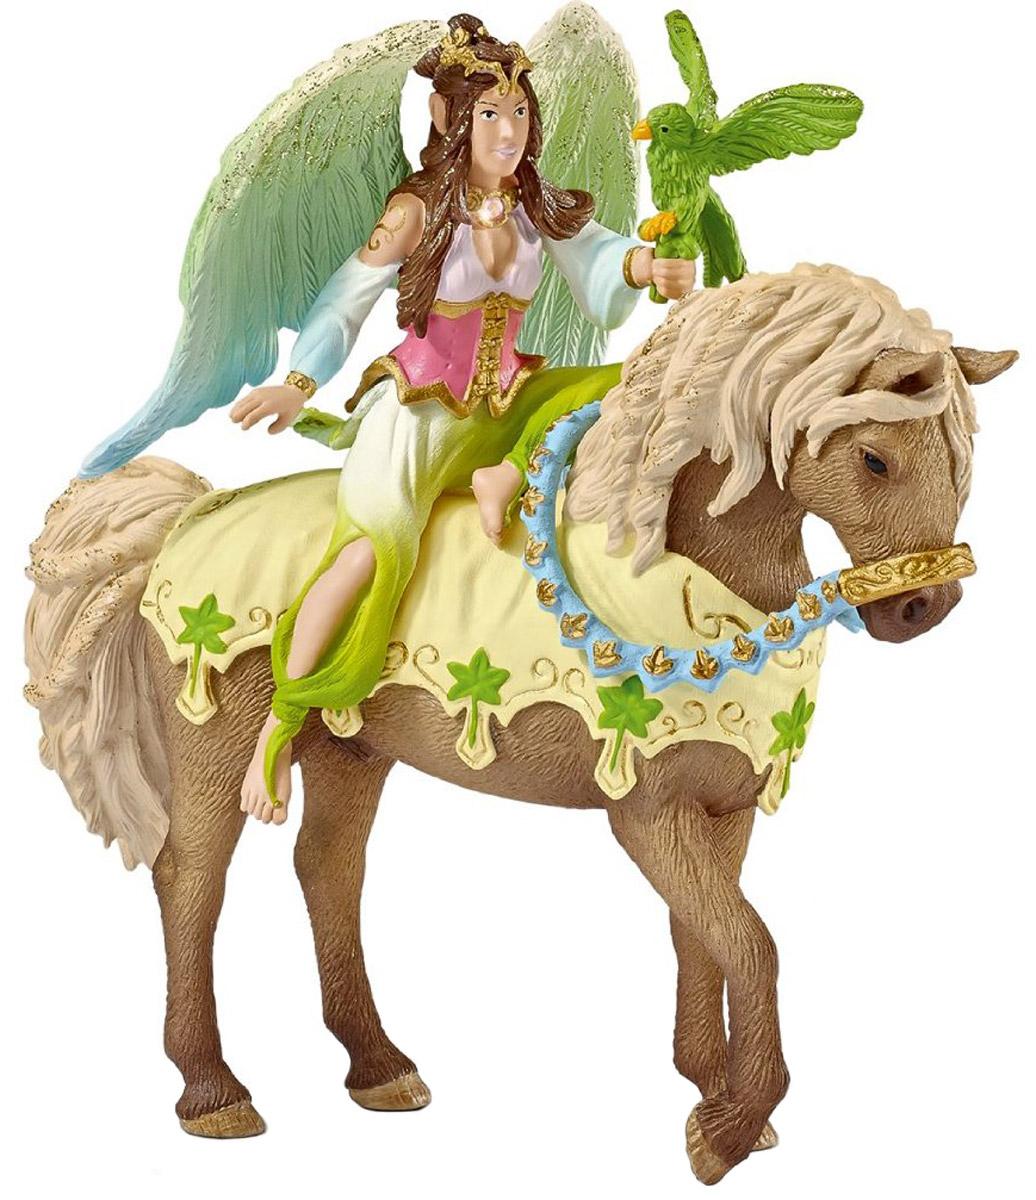 Schleich Фигурка Эльфийка Сурах на лошади70504Фигурка Schleich Эльфийка Сурах разнообразит сюжетно-ролевые фантастические игры вашего ребенка и станет прекрасным пополнением коллекции эльфов от Schleich. У эльфийки есть волшебные крылышки, которые блестят на солнце и с помощью которых она легко перелетает с места на место. Сурах отправляется на бал маскарад, в котором примут участие все эльфы волшебной страны Bayala. Сурах взяла с собой на фестиваль своего любимого питомца - волшебную зеленую птицу. Фигурка эльфа надежно держится на лошадке благодаря встроенному магниту. Прекрасно выполненная фигурка отличается высочайшим качеством игрушек ручной работы. Фигурка разработана с учетом исследований в области педагогики и производится как настоящее произведение для маленьких детских ручек.